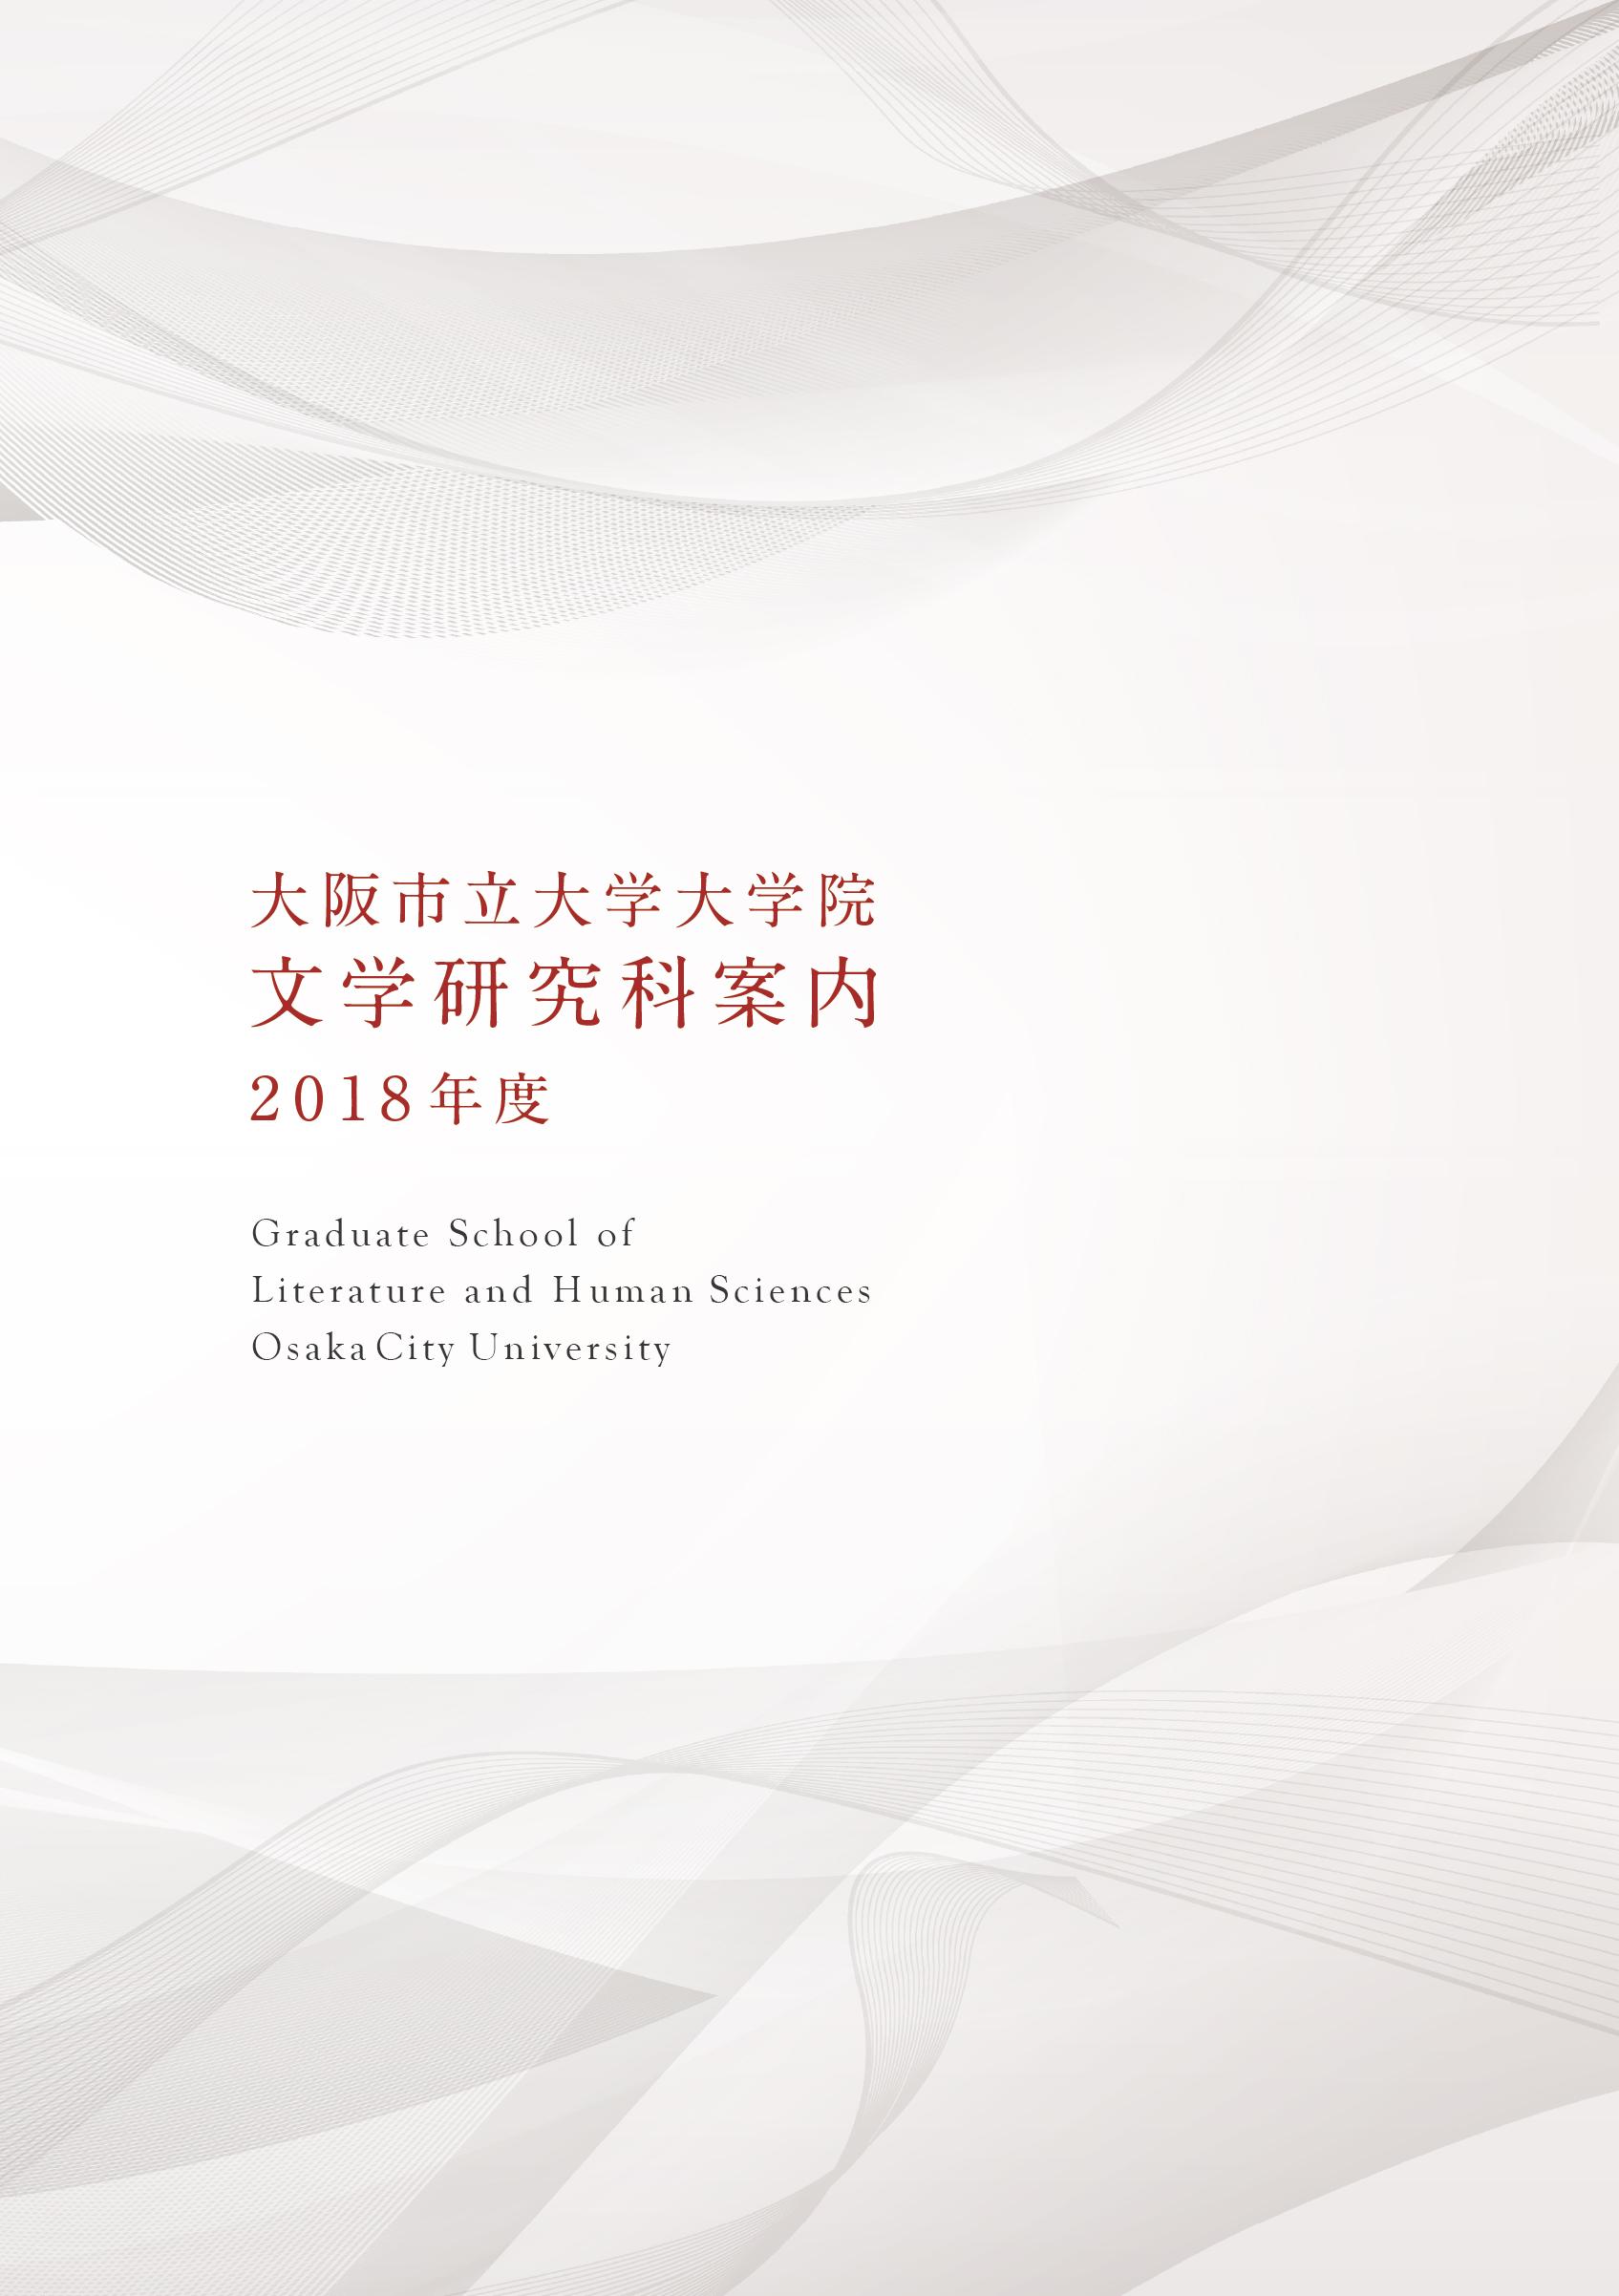 grad2018-s